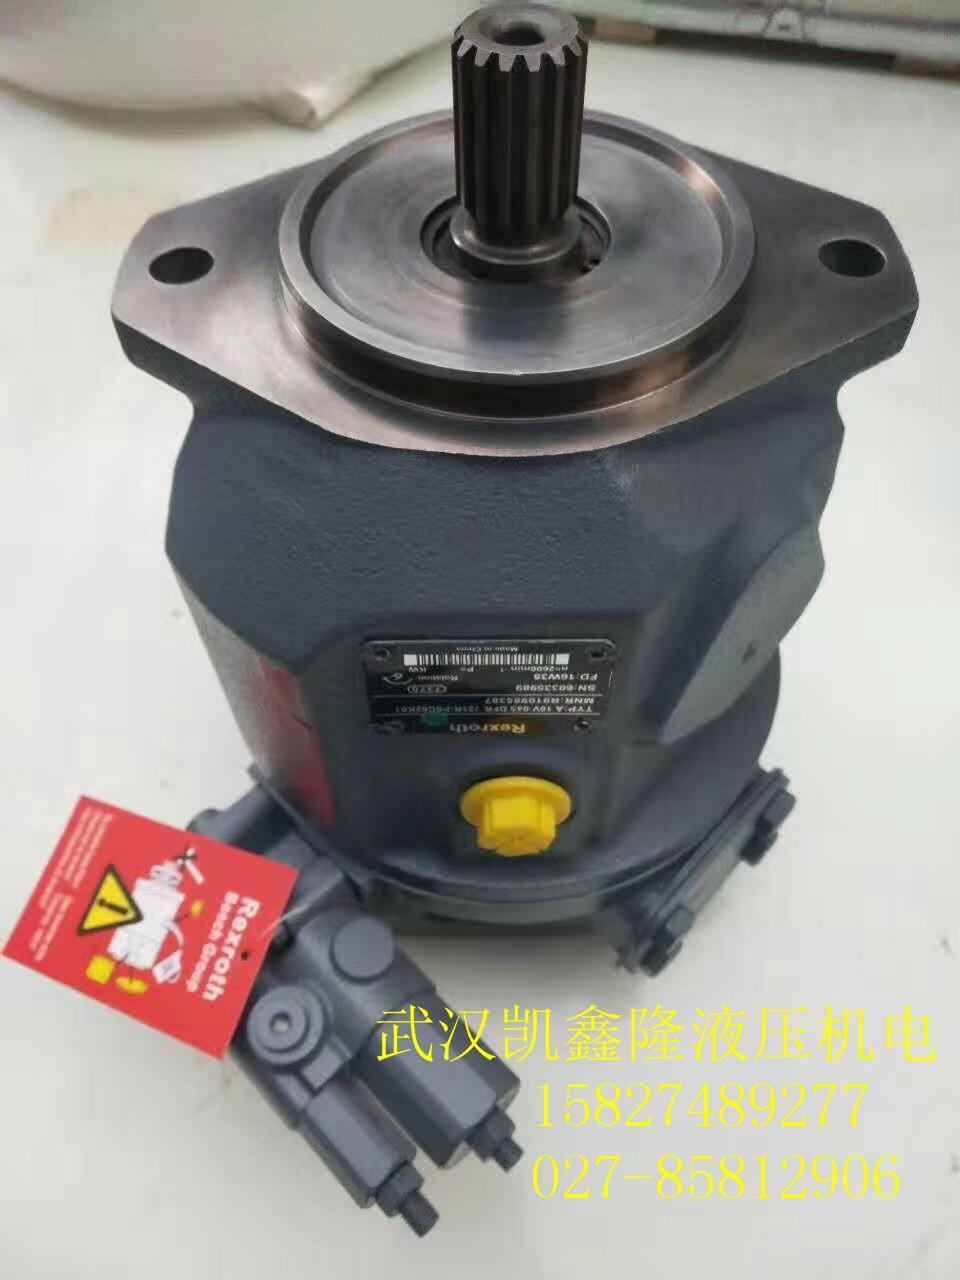 新闻:A11VO60LR.C/10L-NPD12N00力士乐柱塞泵_武汉凯鑫隆液压机电设备有限公司